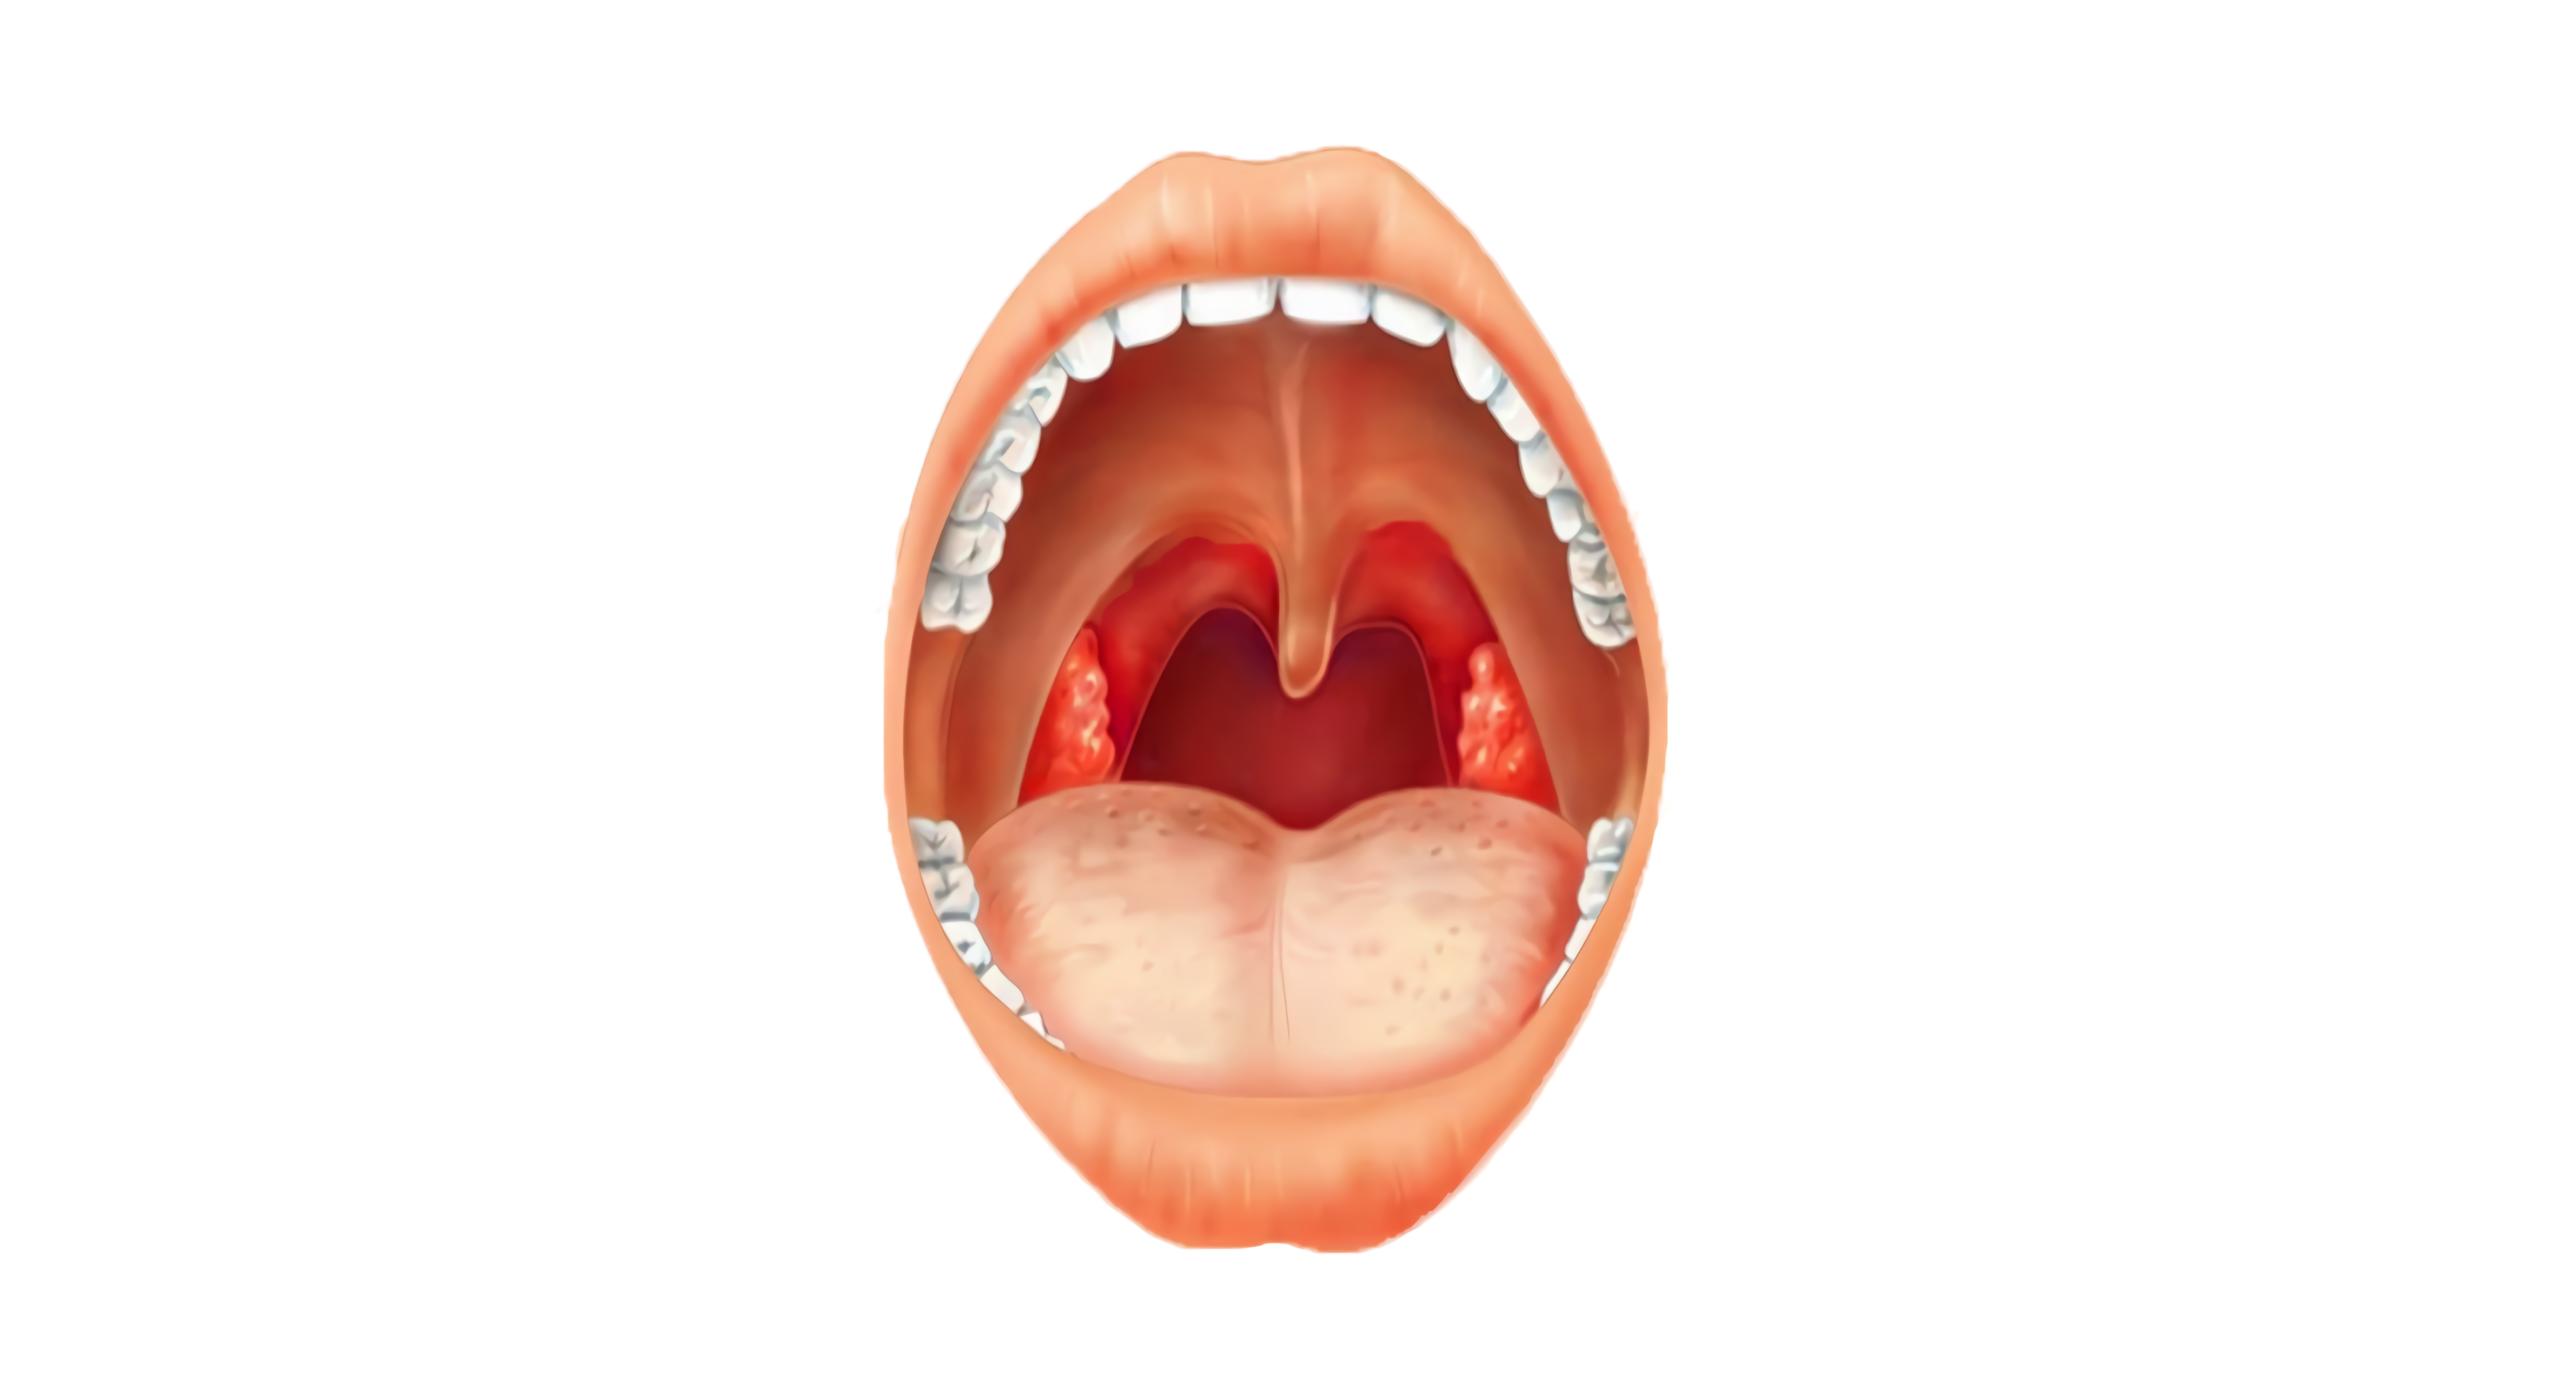 Сифилис в горле: симптомы, диагностика и лечение